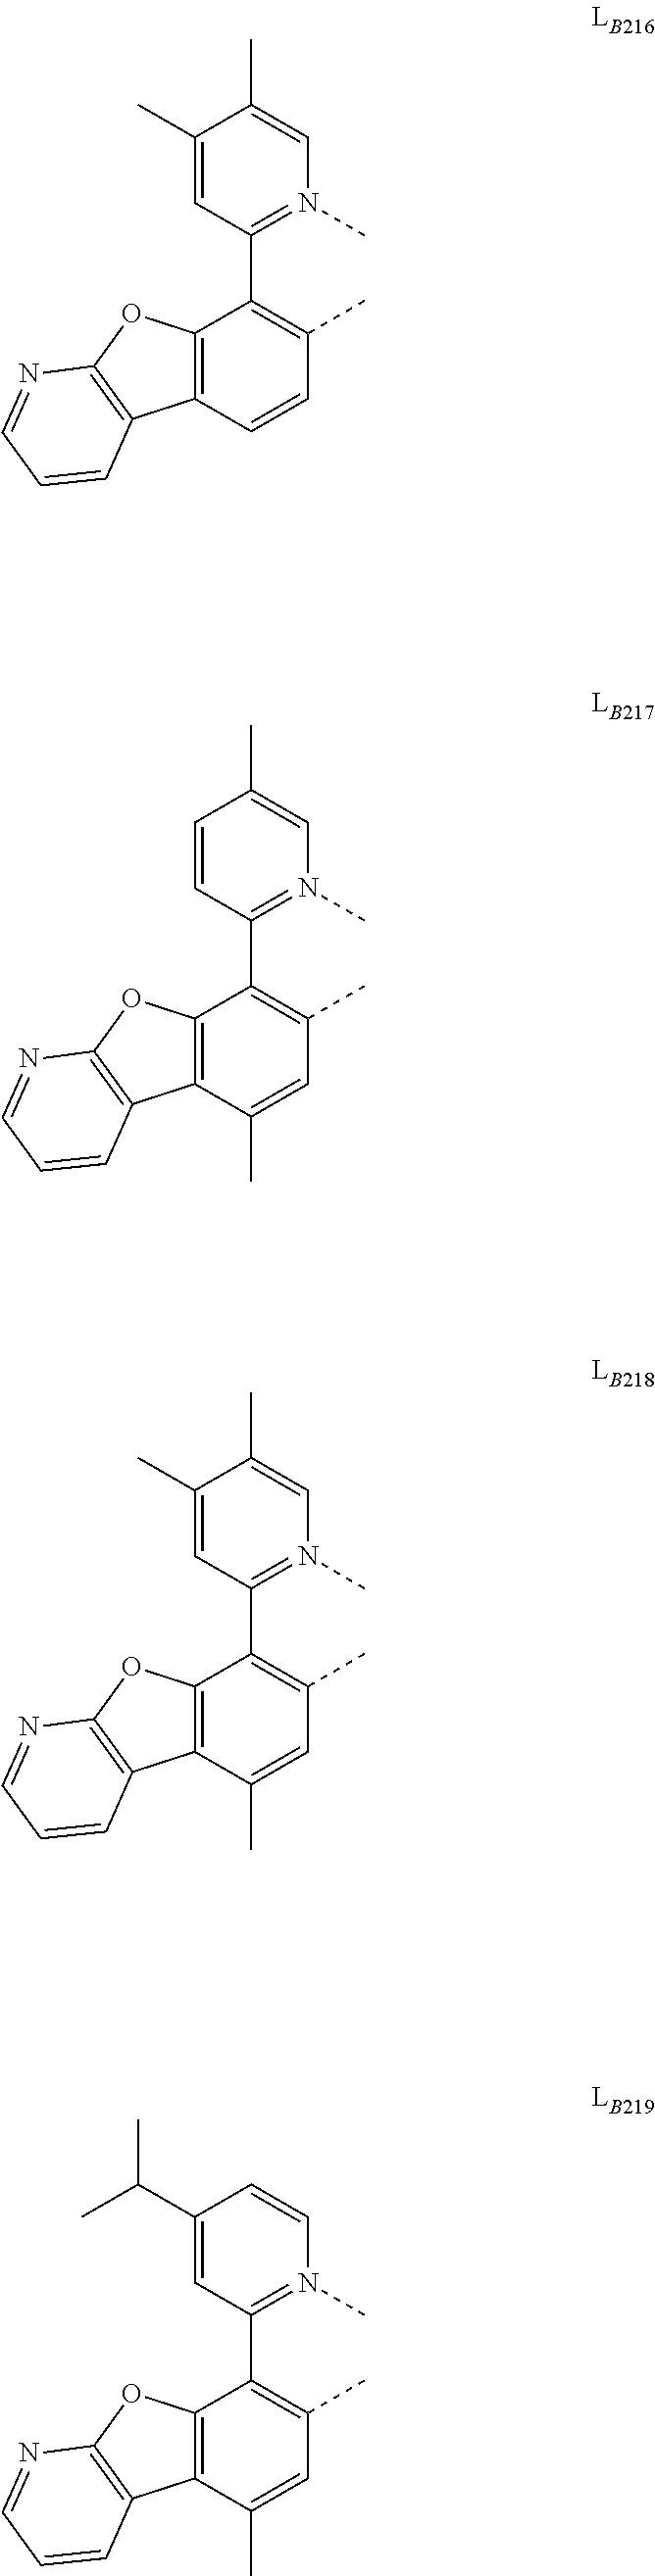 Figure US09929360-20180327-C00085